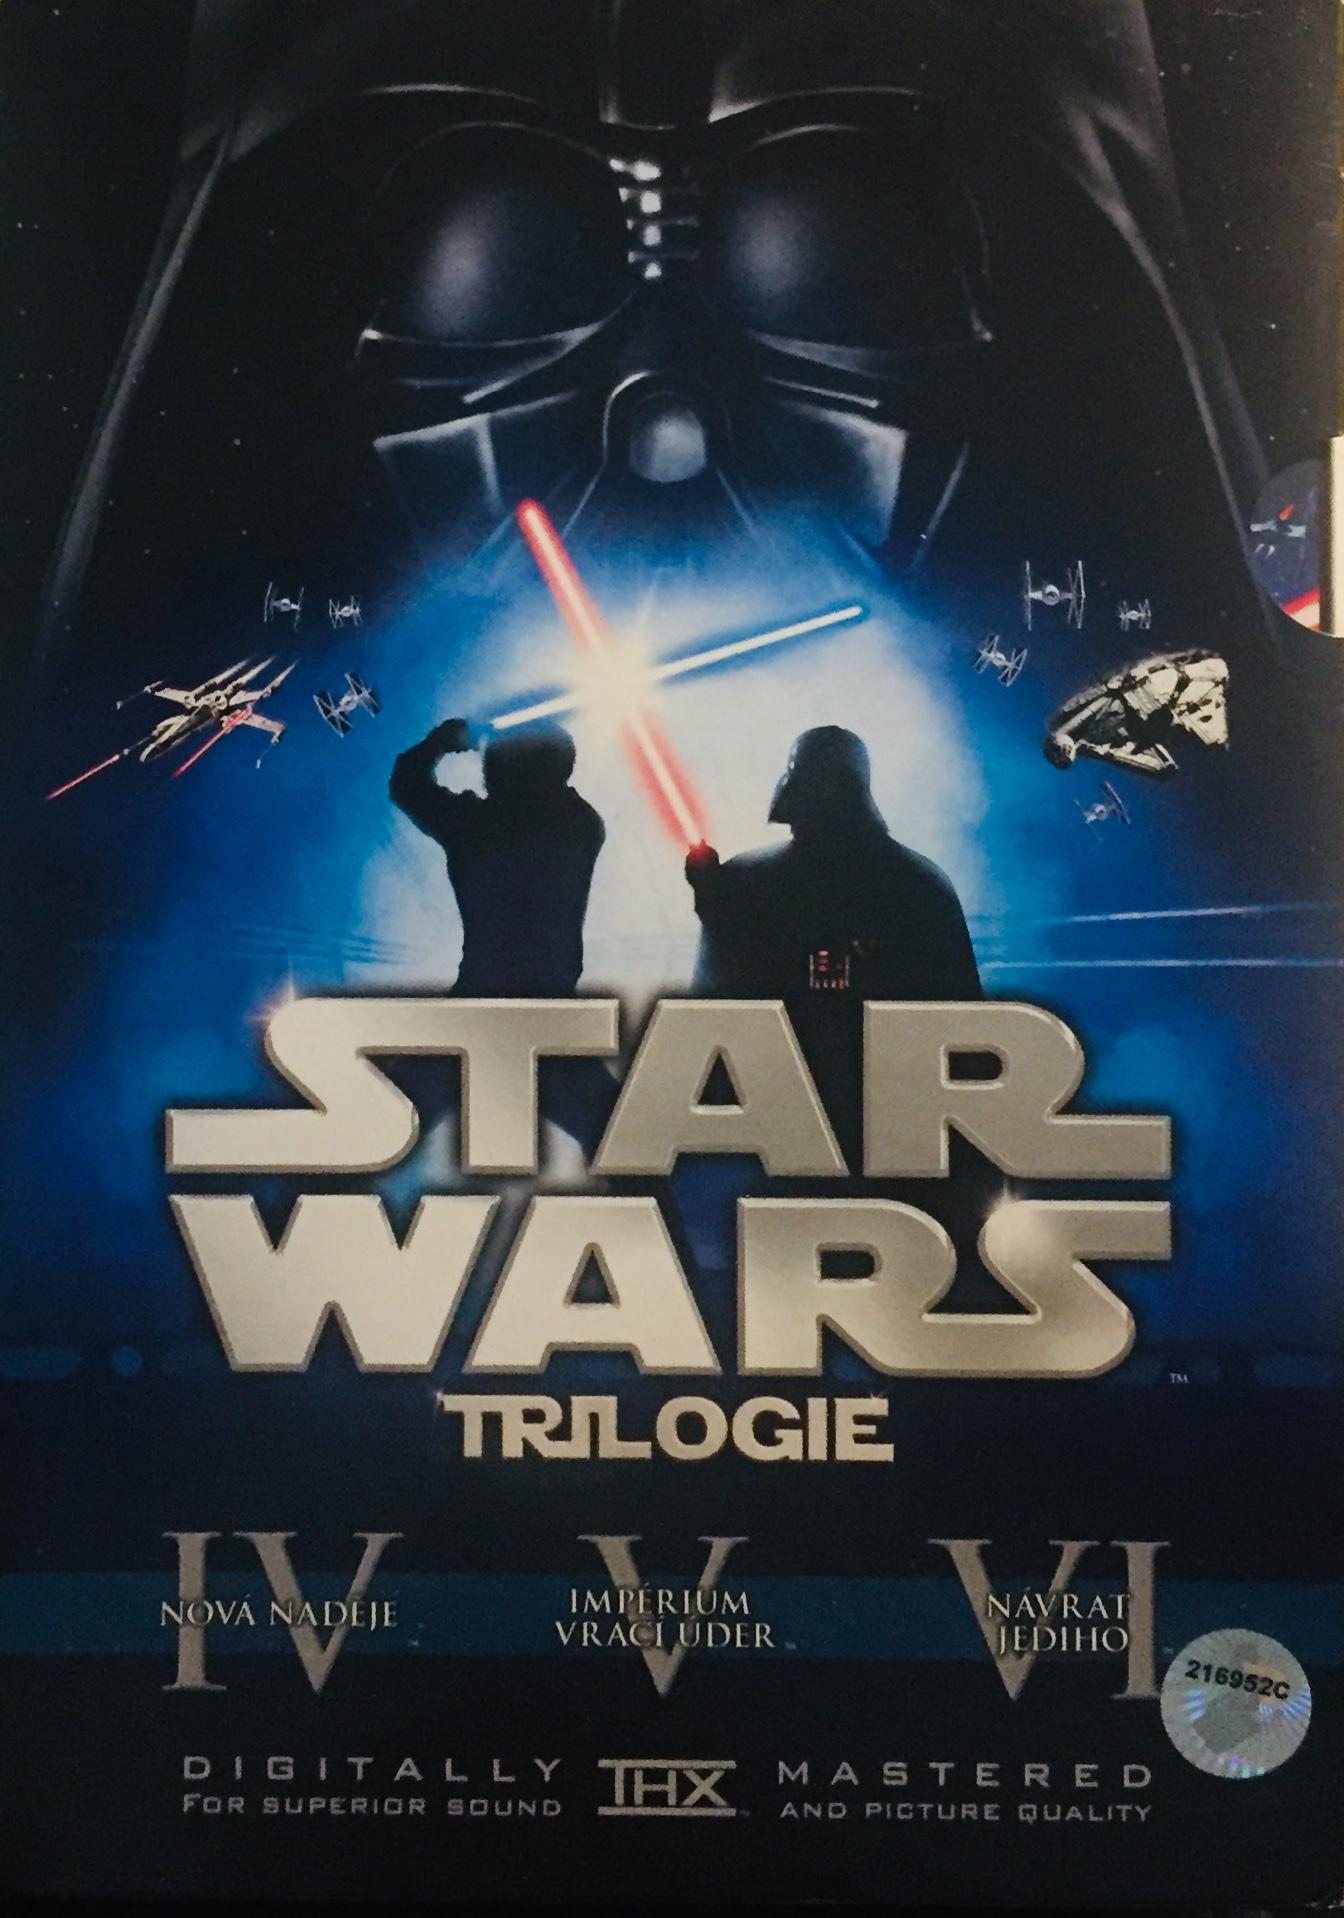 Star Wars - Trilogie - v originálním znění s CZ titulky - 3xDVD /3xslim v šubru/